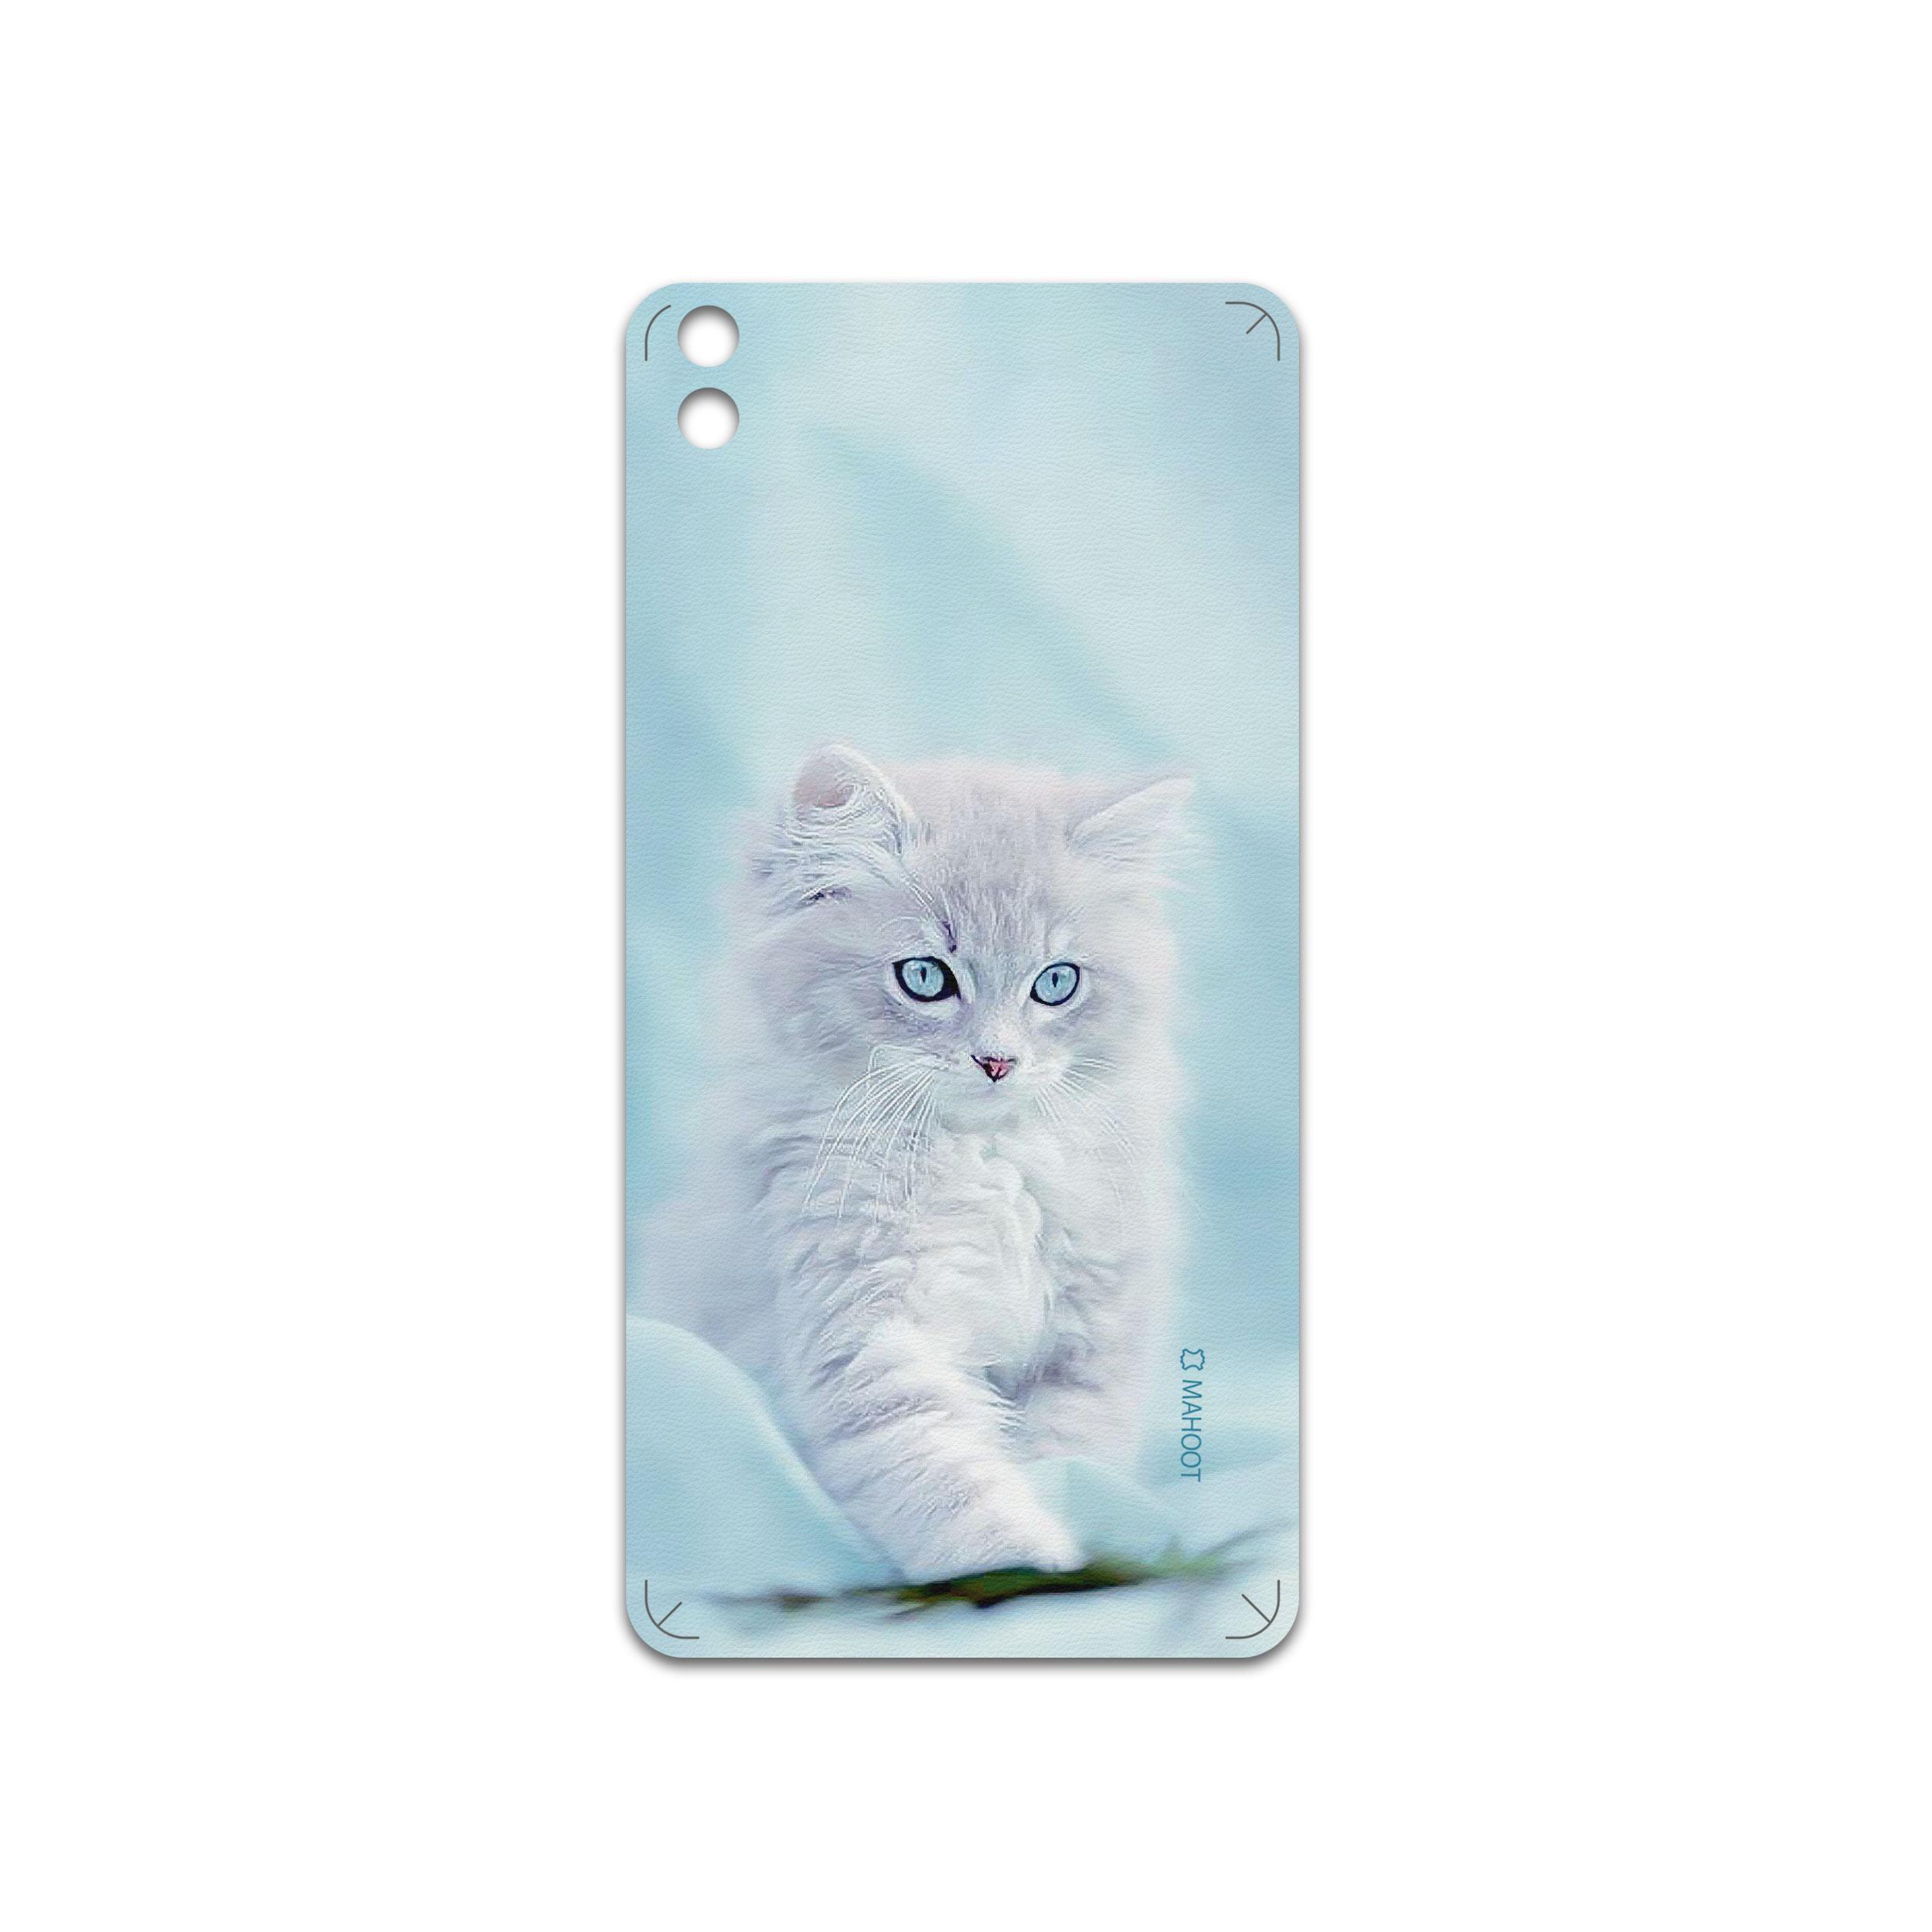 برچسب پوششی ماهوت مدل Cat-1 مناسب برای گوشی موبایل اچ تی سی Desire 816